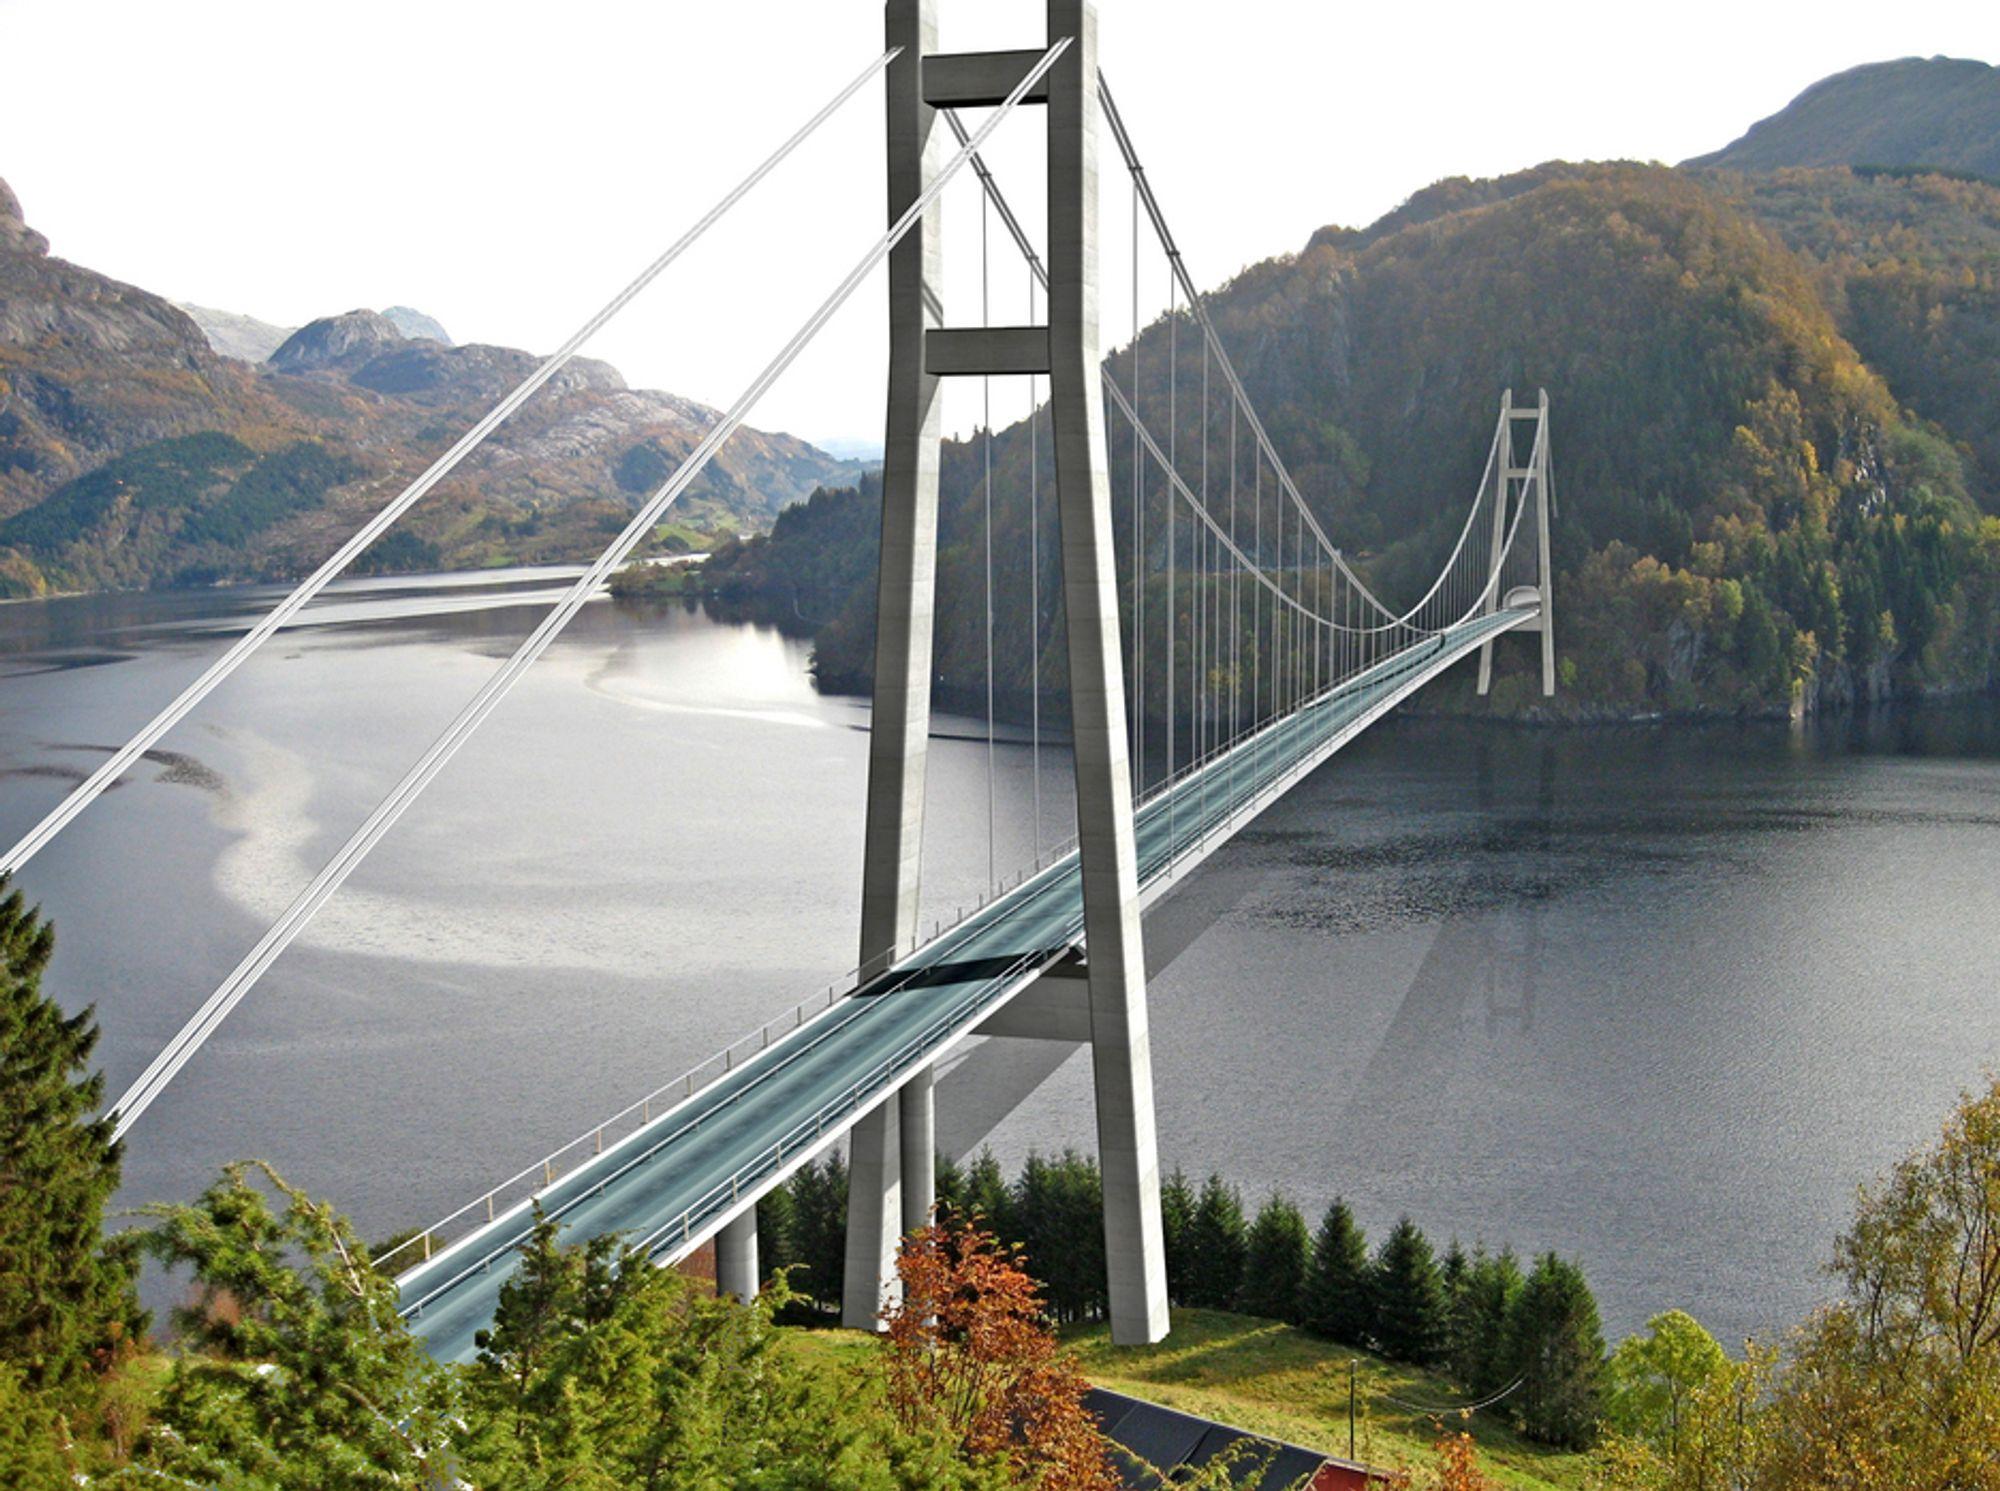 Det meste av elektroarbeidet på Dalsfjordsambandet skal utføres i tunnelene. På hengebrua skal det monteres master, lysarmaturer og seilingslys. Ill.: Statens vegvesen